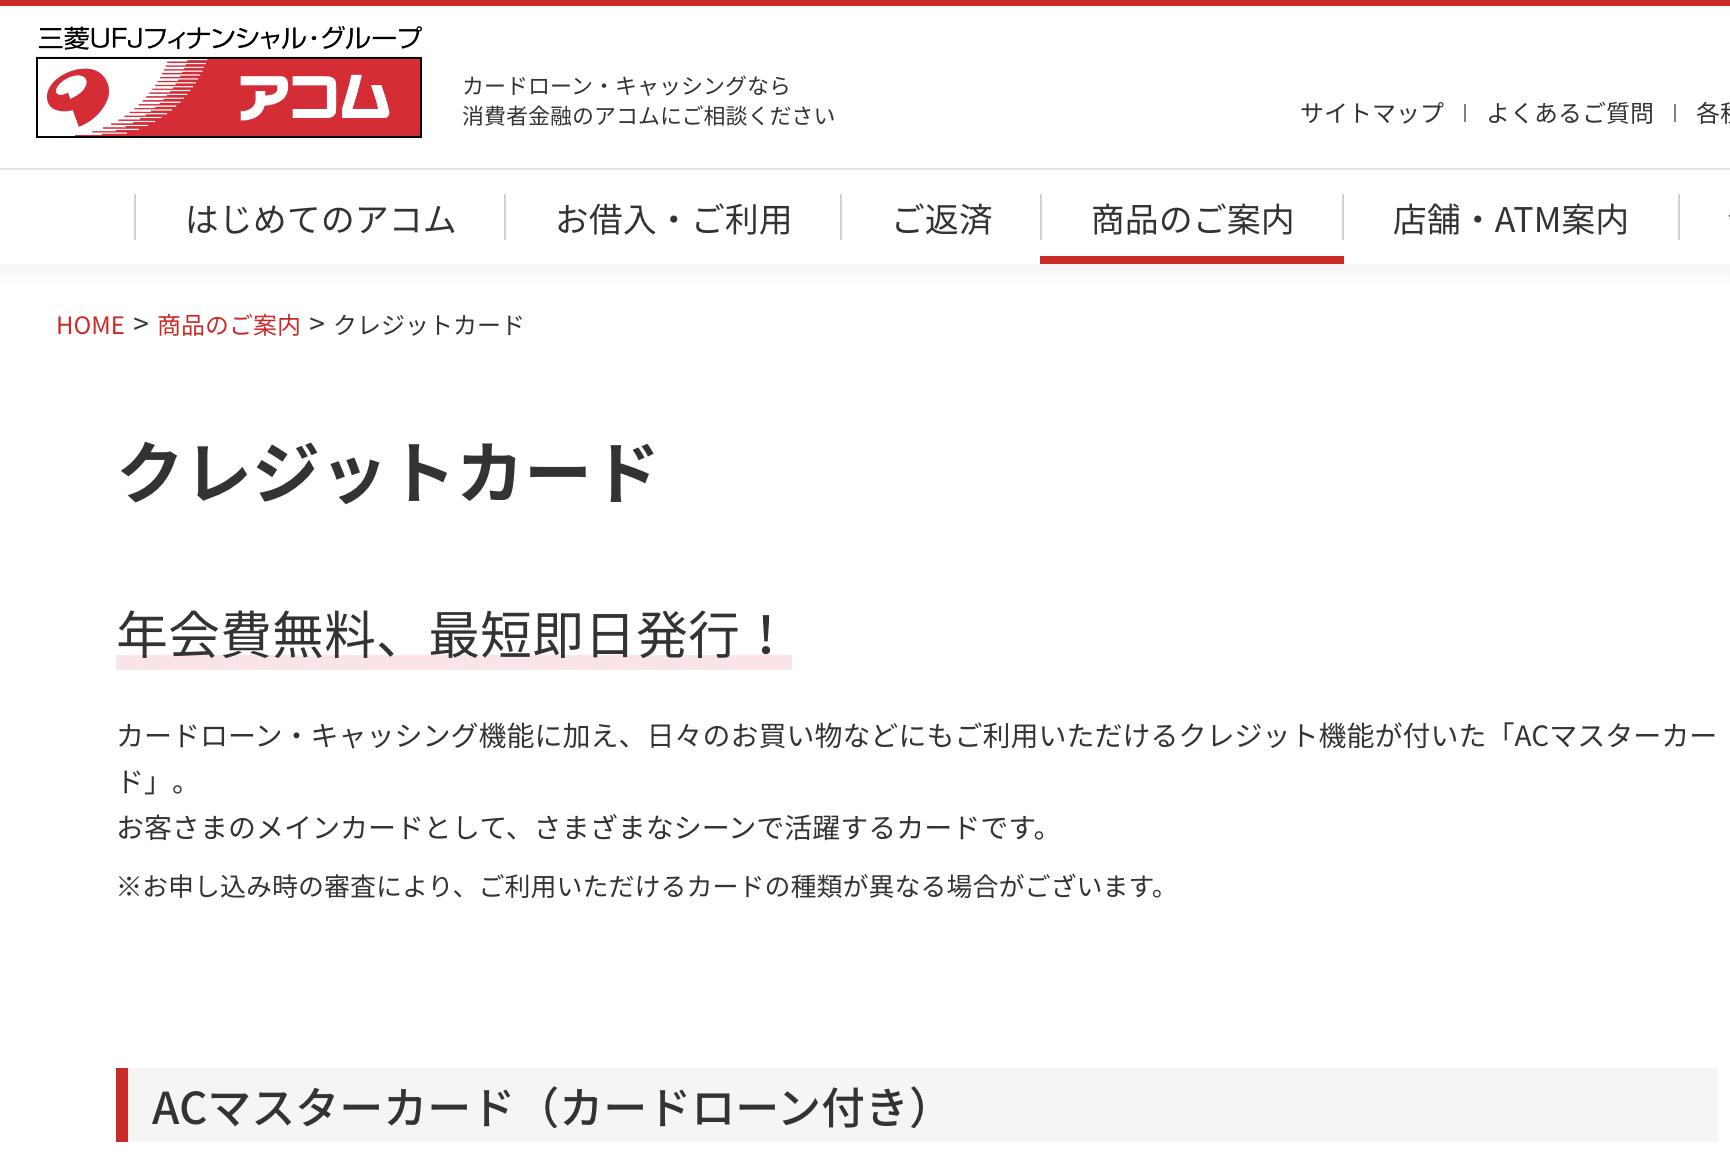 アコムクレジットカードの公式ページ